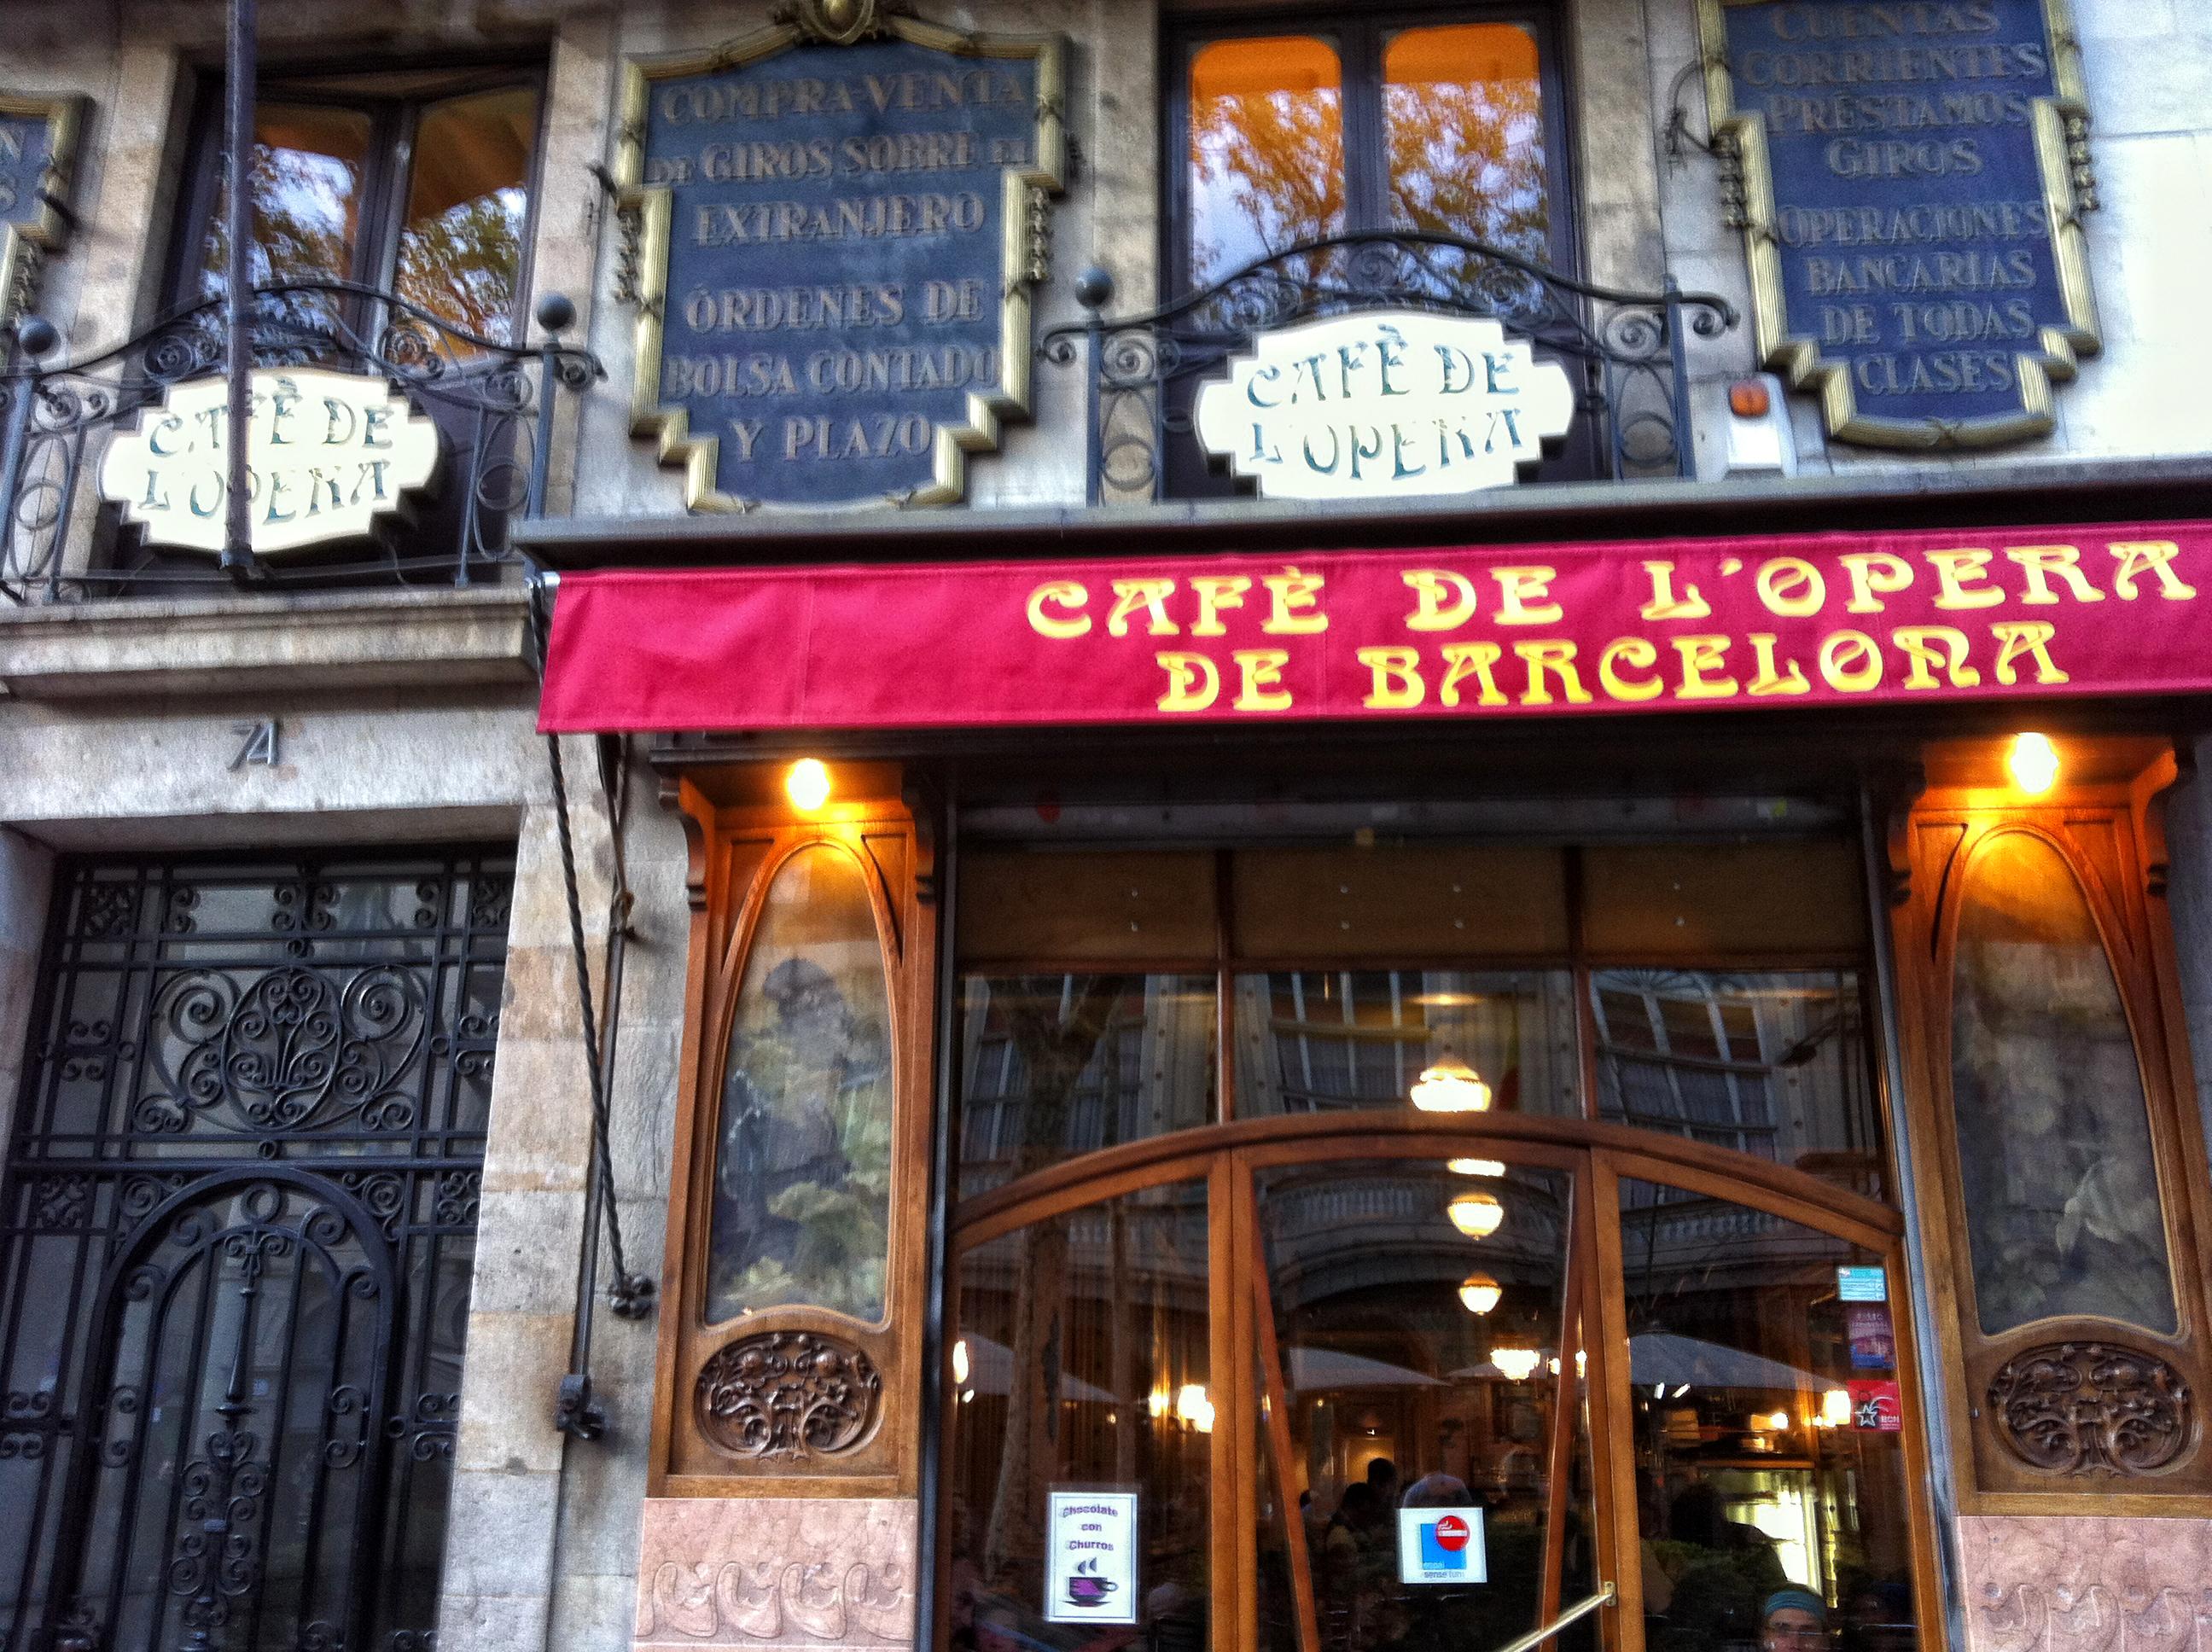 Café de l'Opera